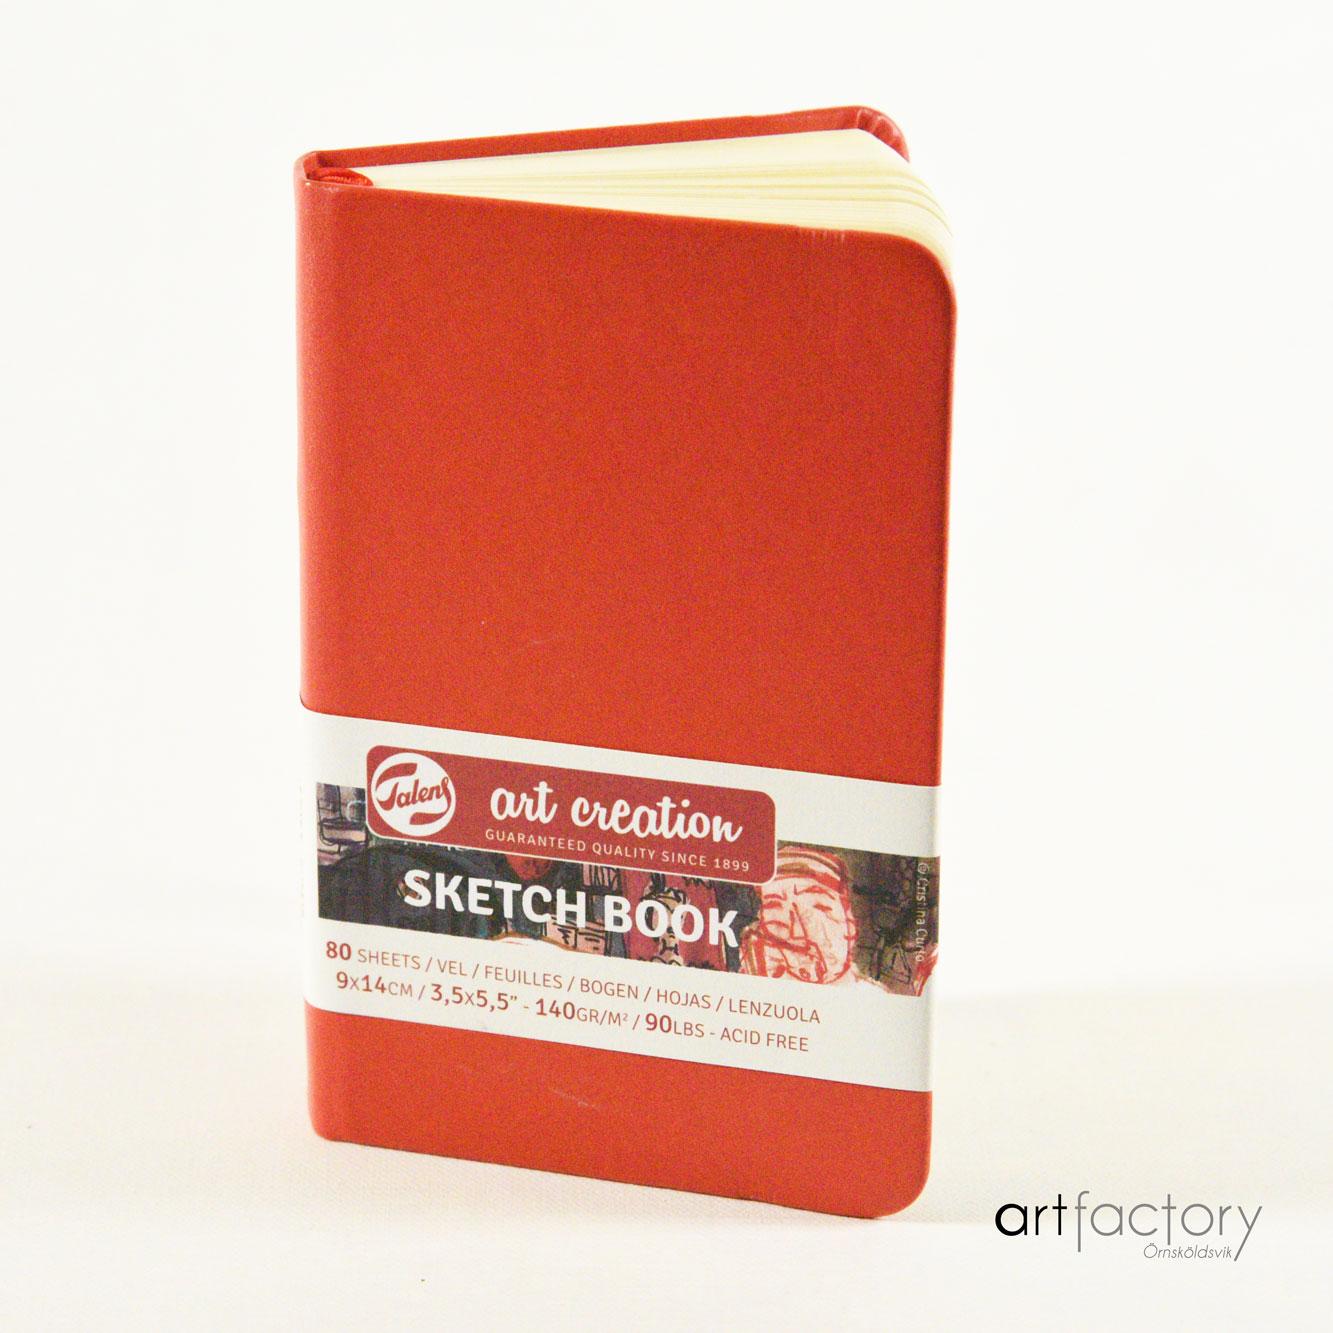 Sketch book Art Creation 9x14 röd